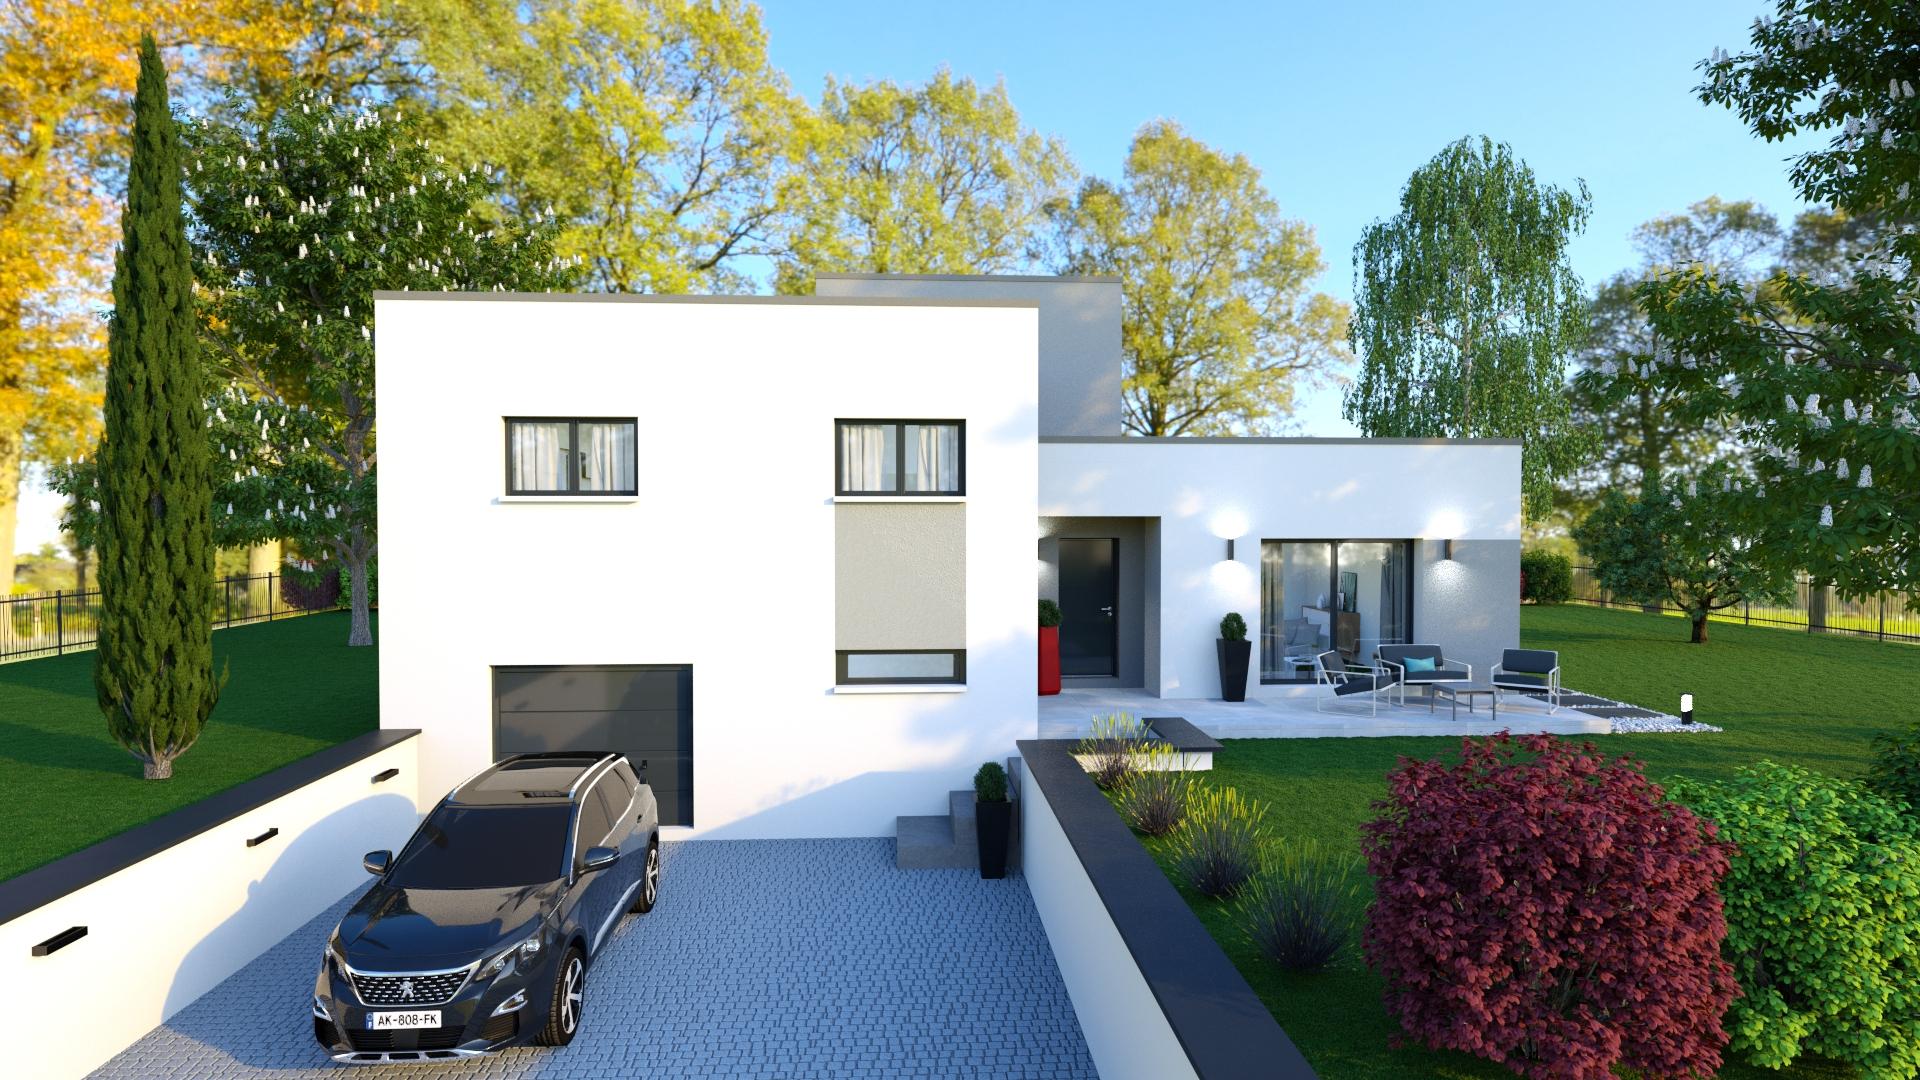 Perle, Maison Sous-Sol Avec Toiture Terrasse, 3 Chambres ... pour Maisons Design En Pente